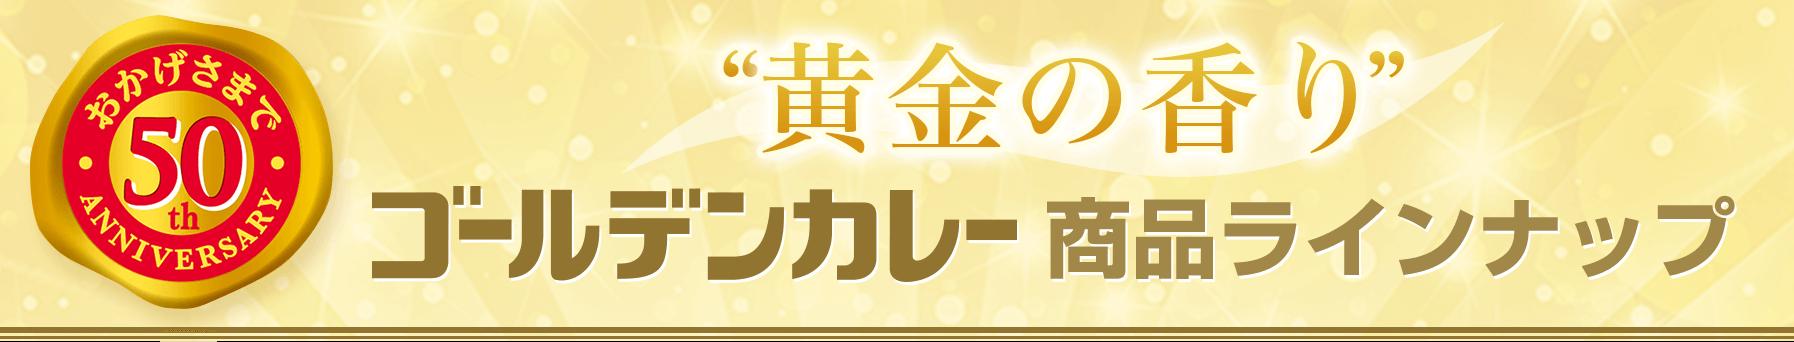 黄金の香り ゴールデンカレー 商品ラインナップ